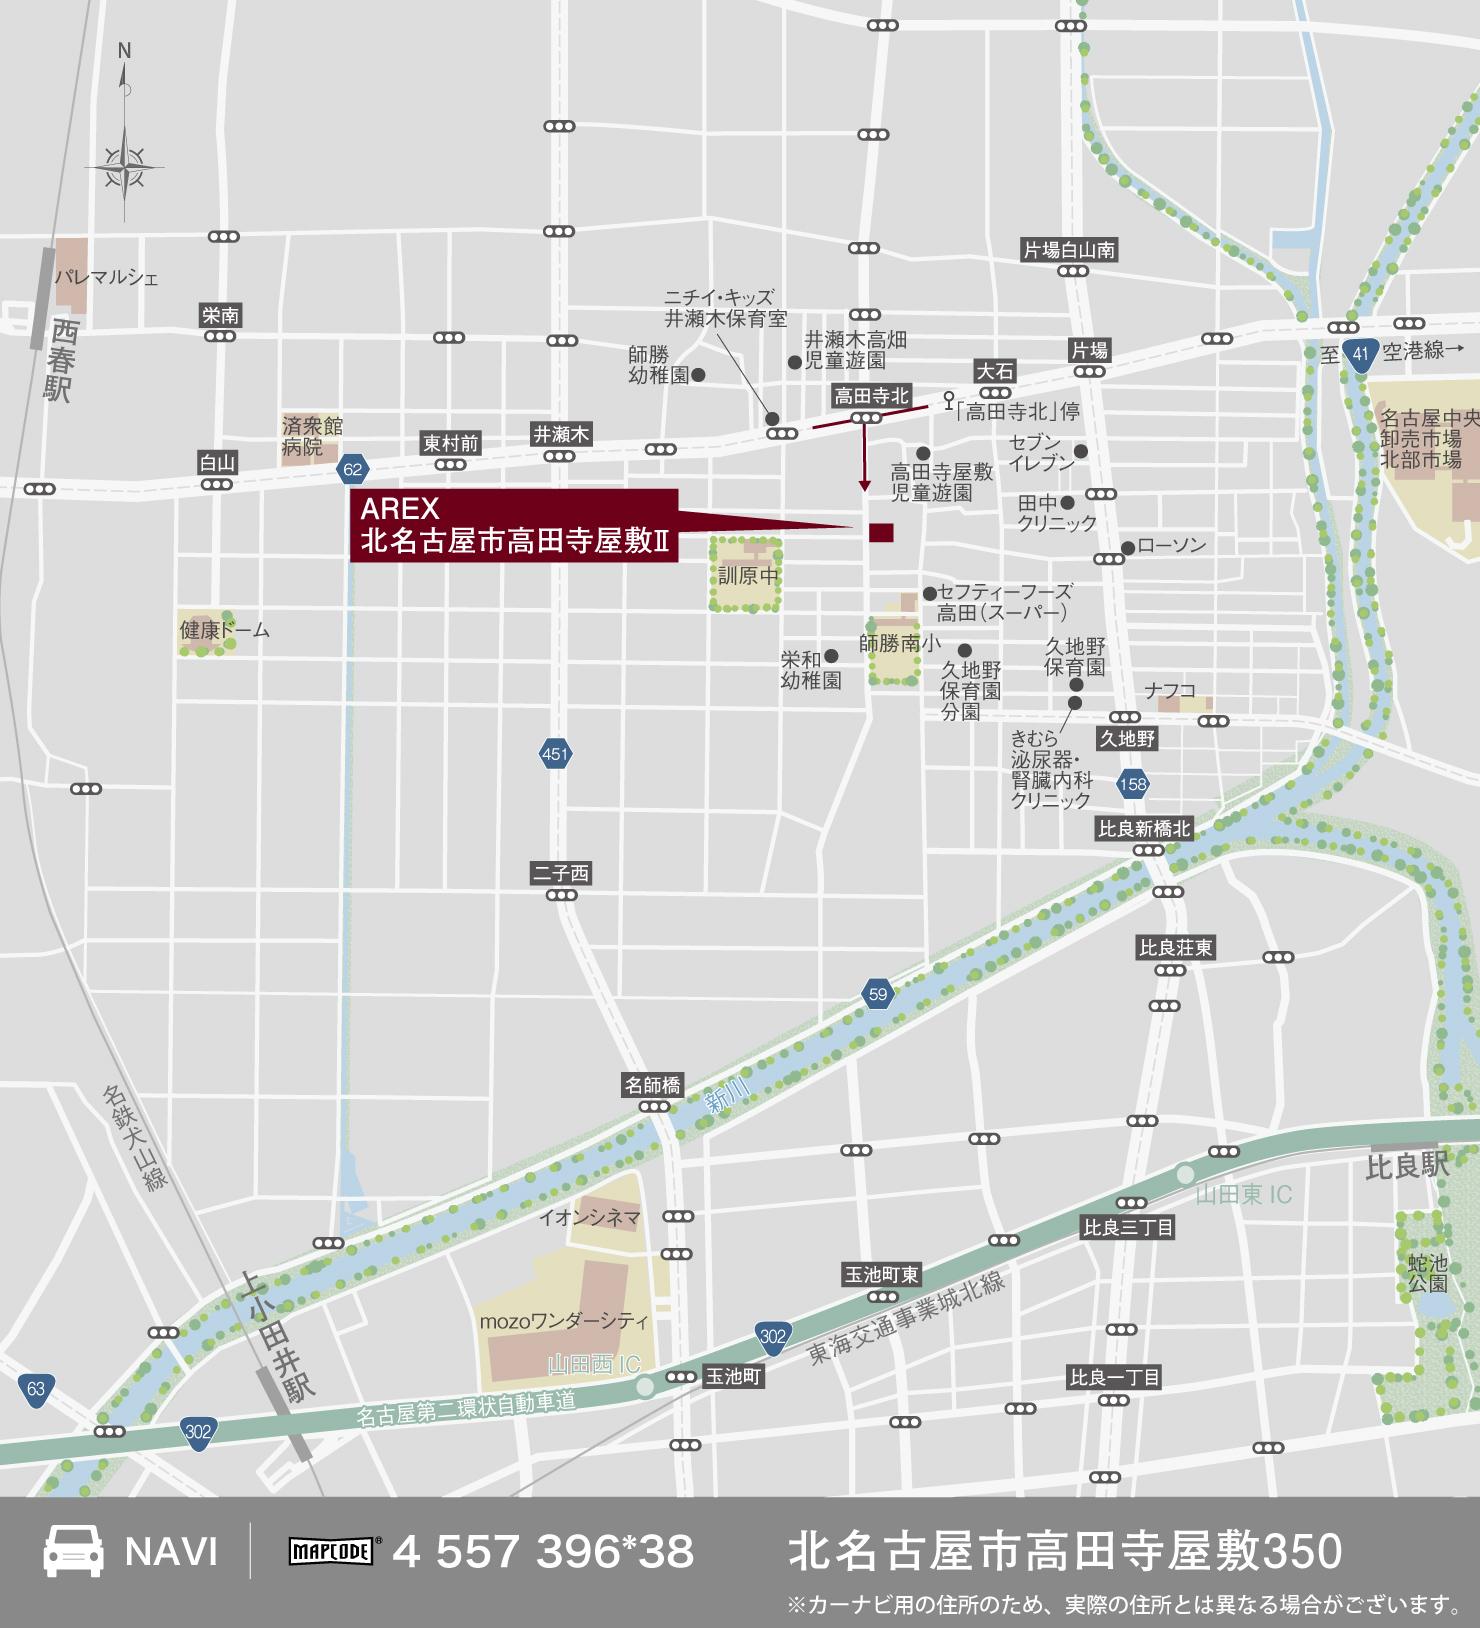 3_地図_北名古屋市高田寺屋敷2